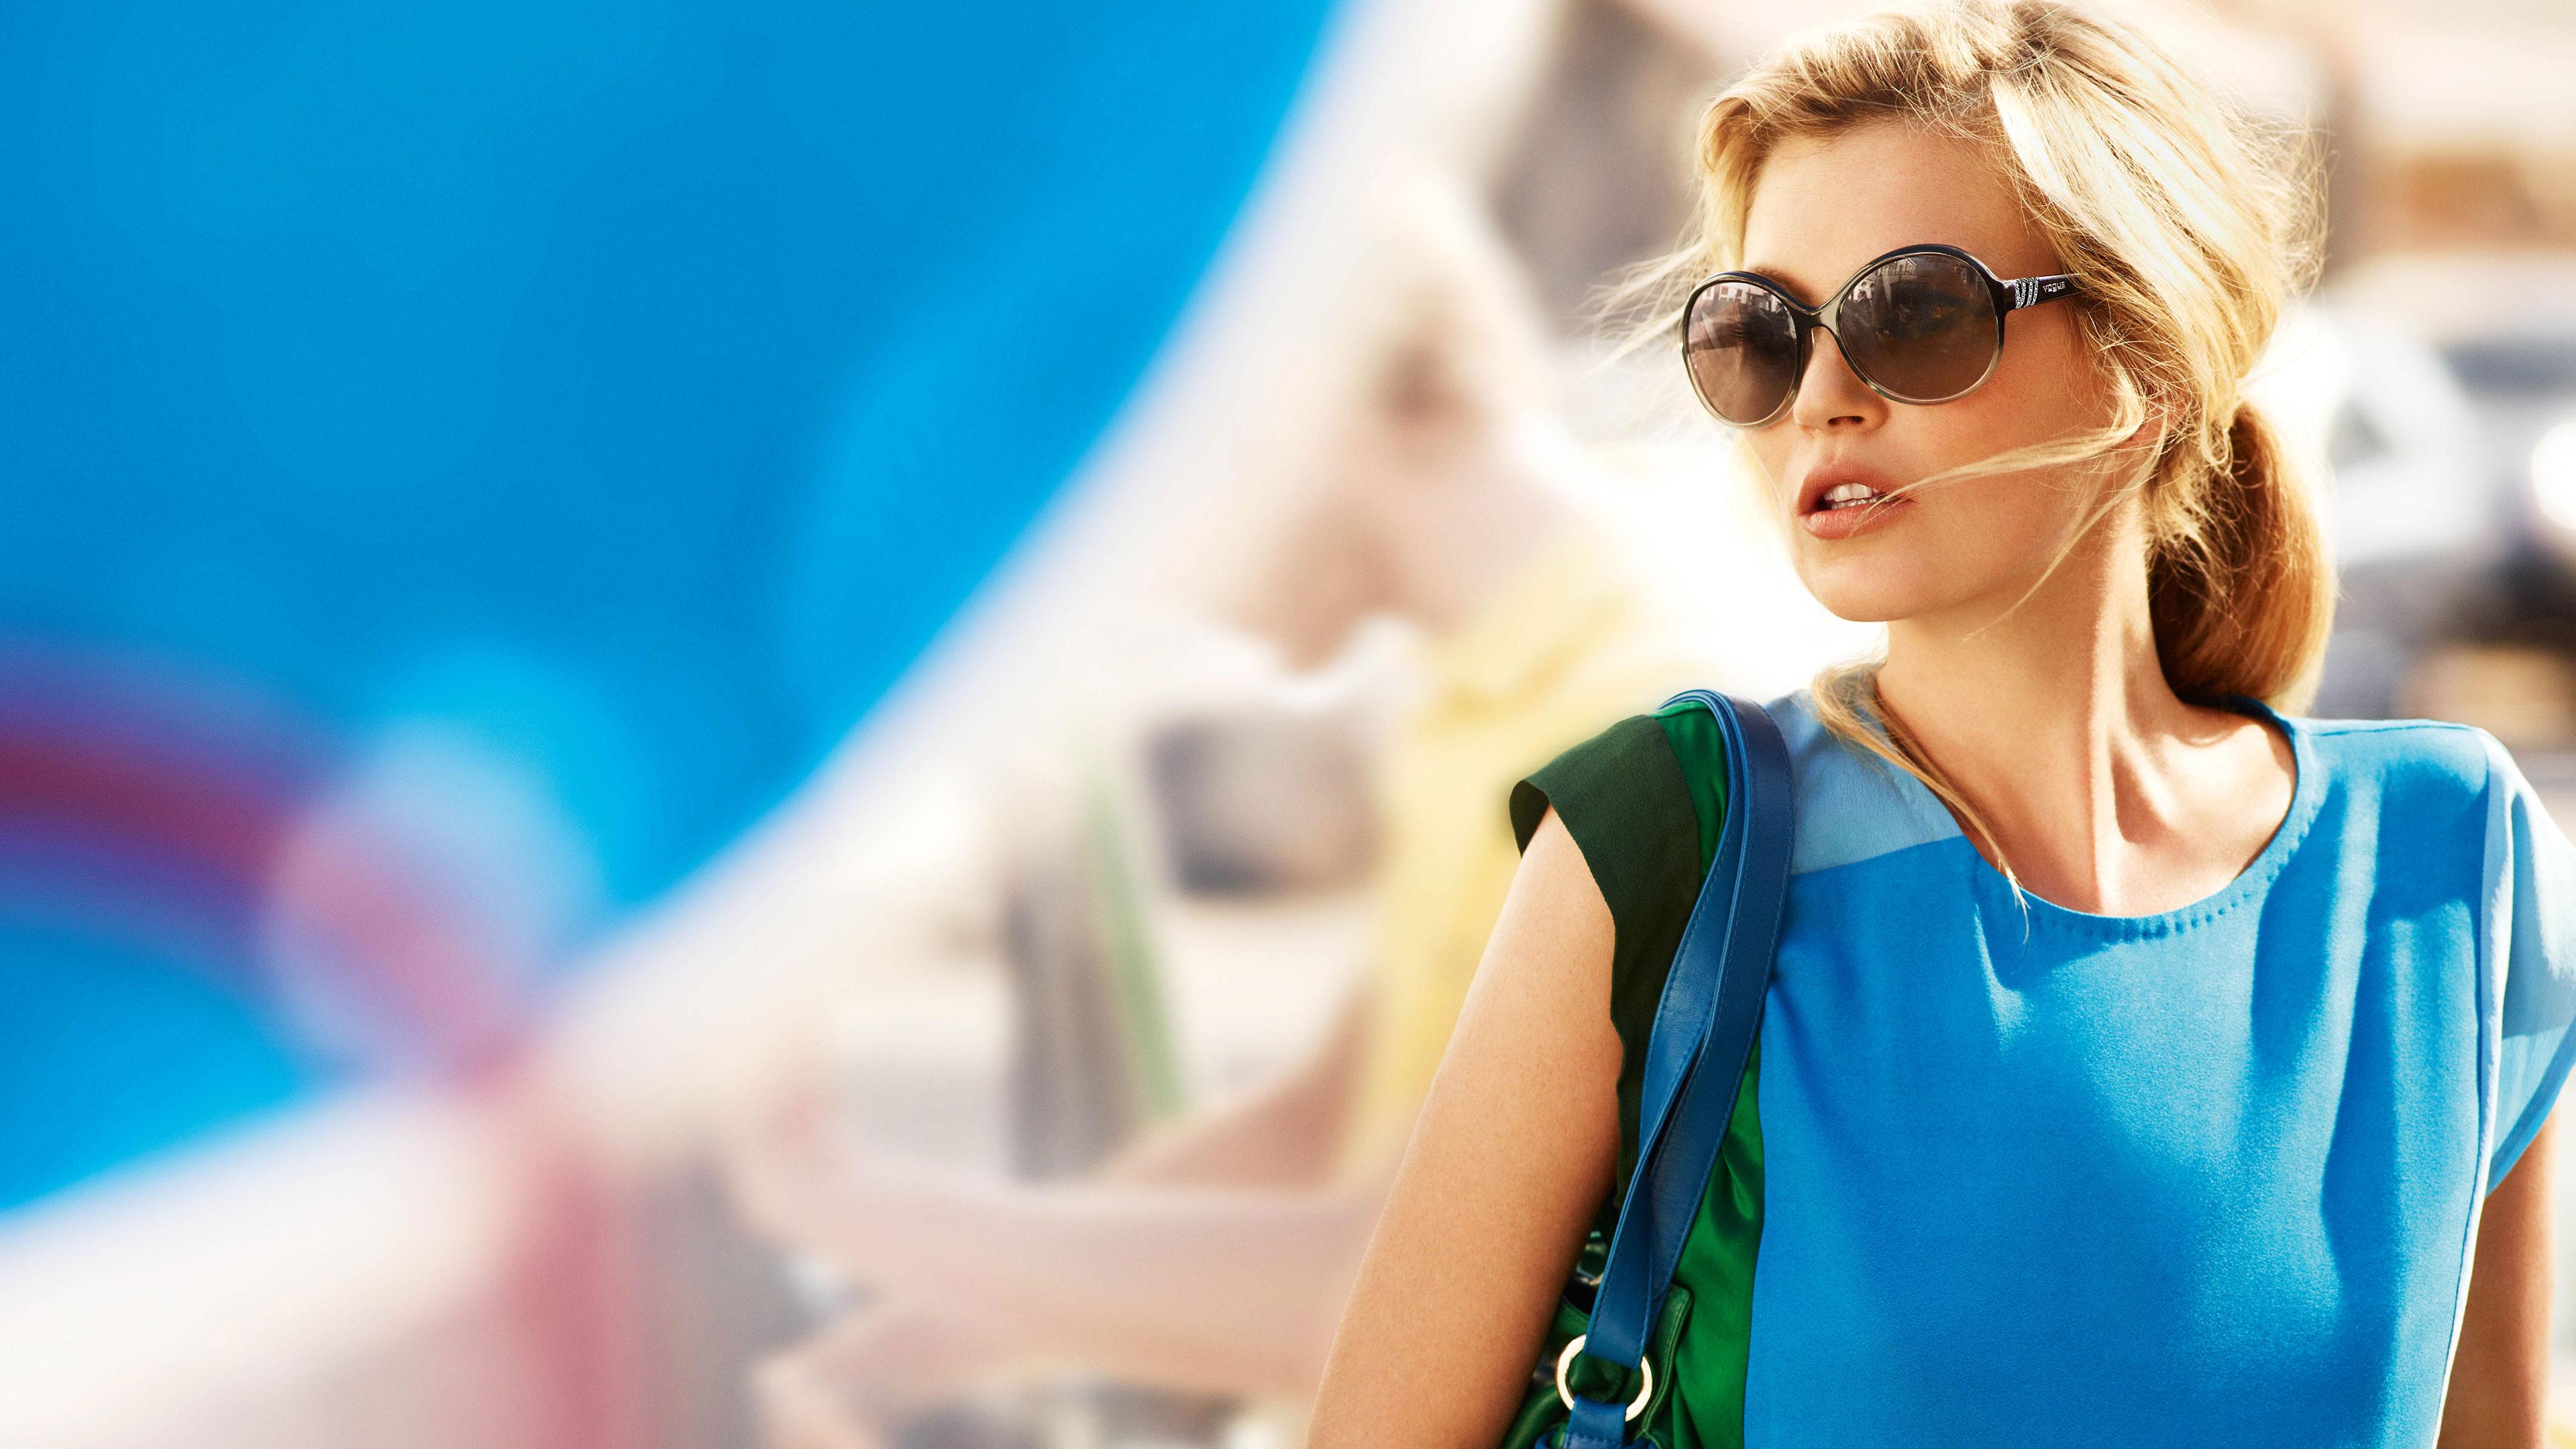 Girl in Glasses 2 SDGN Ultra HD Desktop Background Wallpaper for ... | 2160x3840